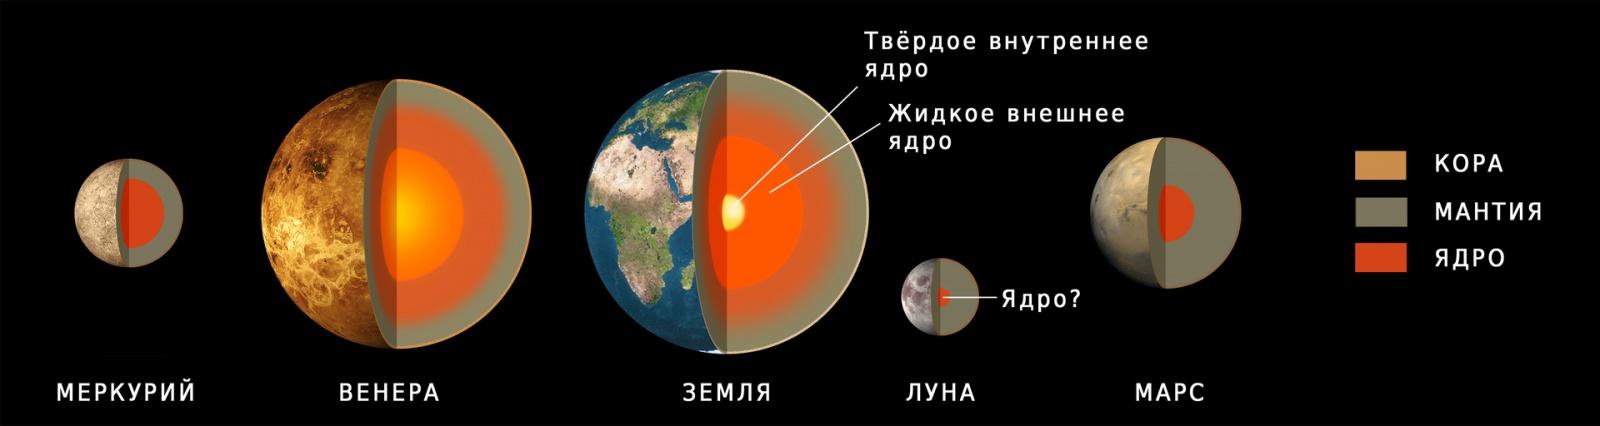 Магнитные щиты планет. О разнообразии источников магнитосфер в солнечной системе - 4